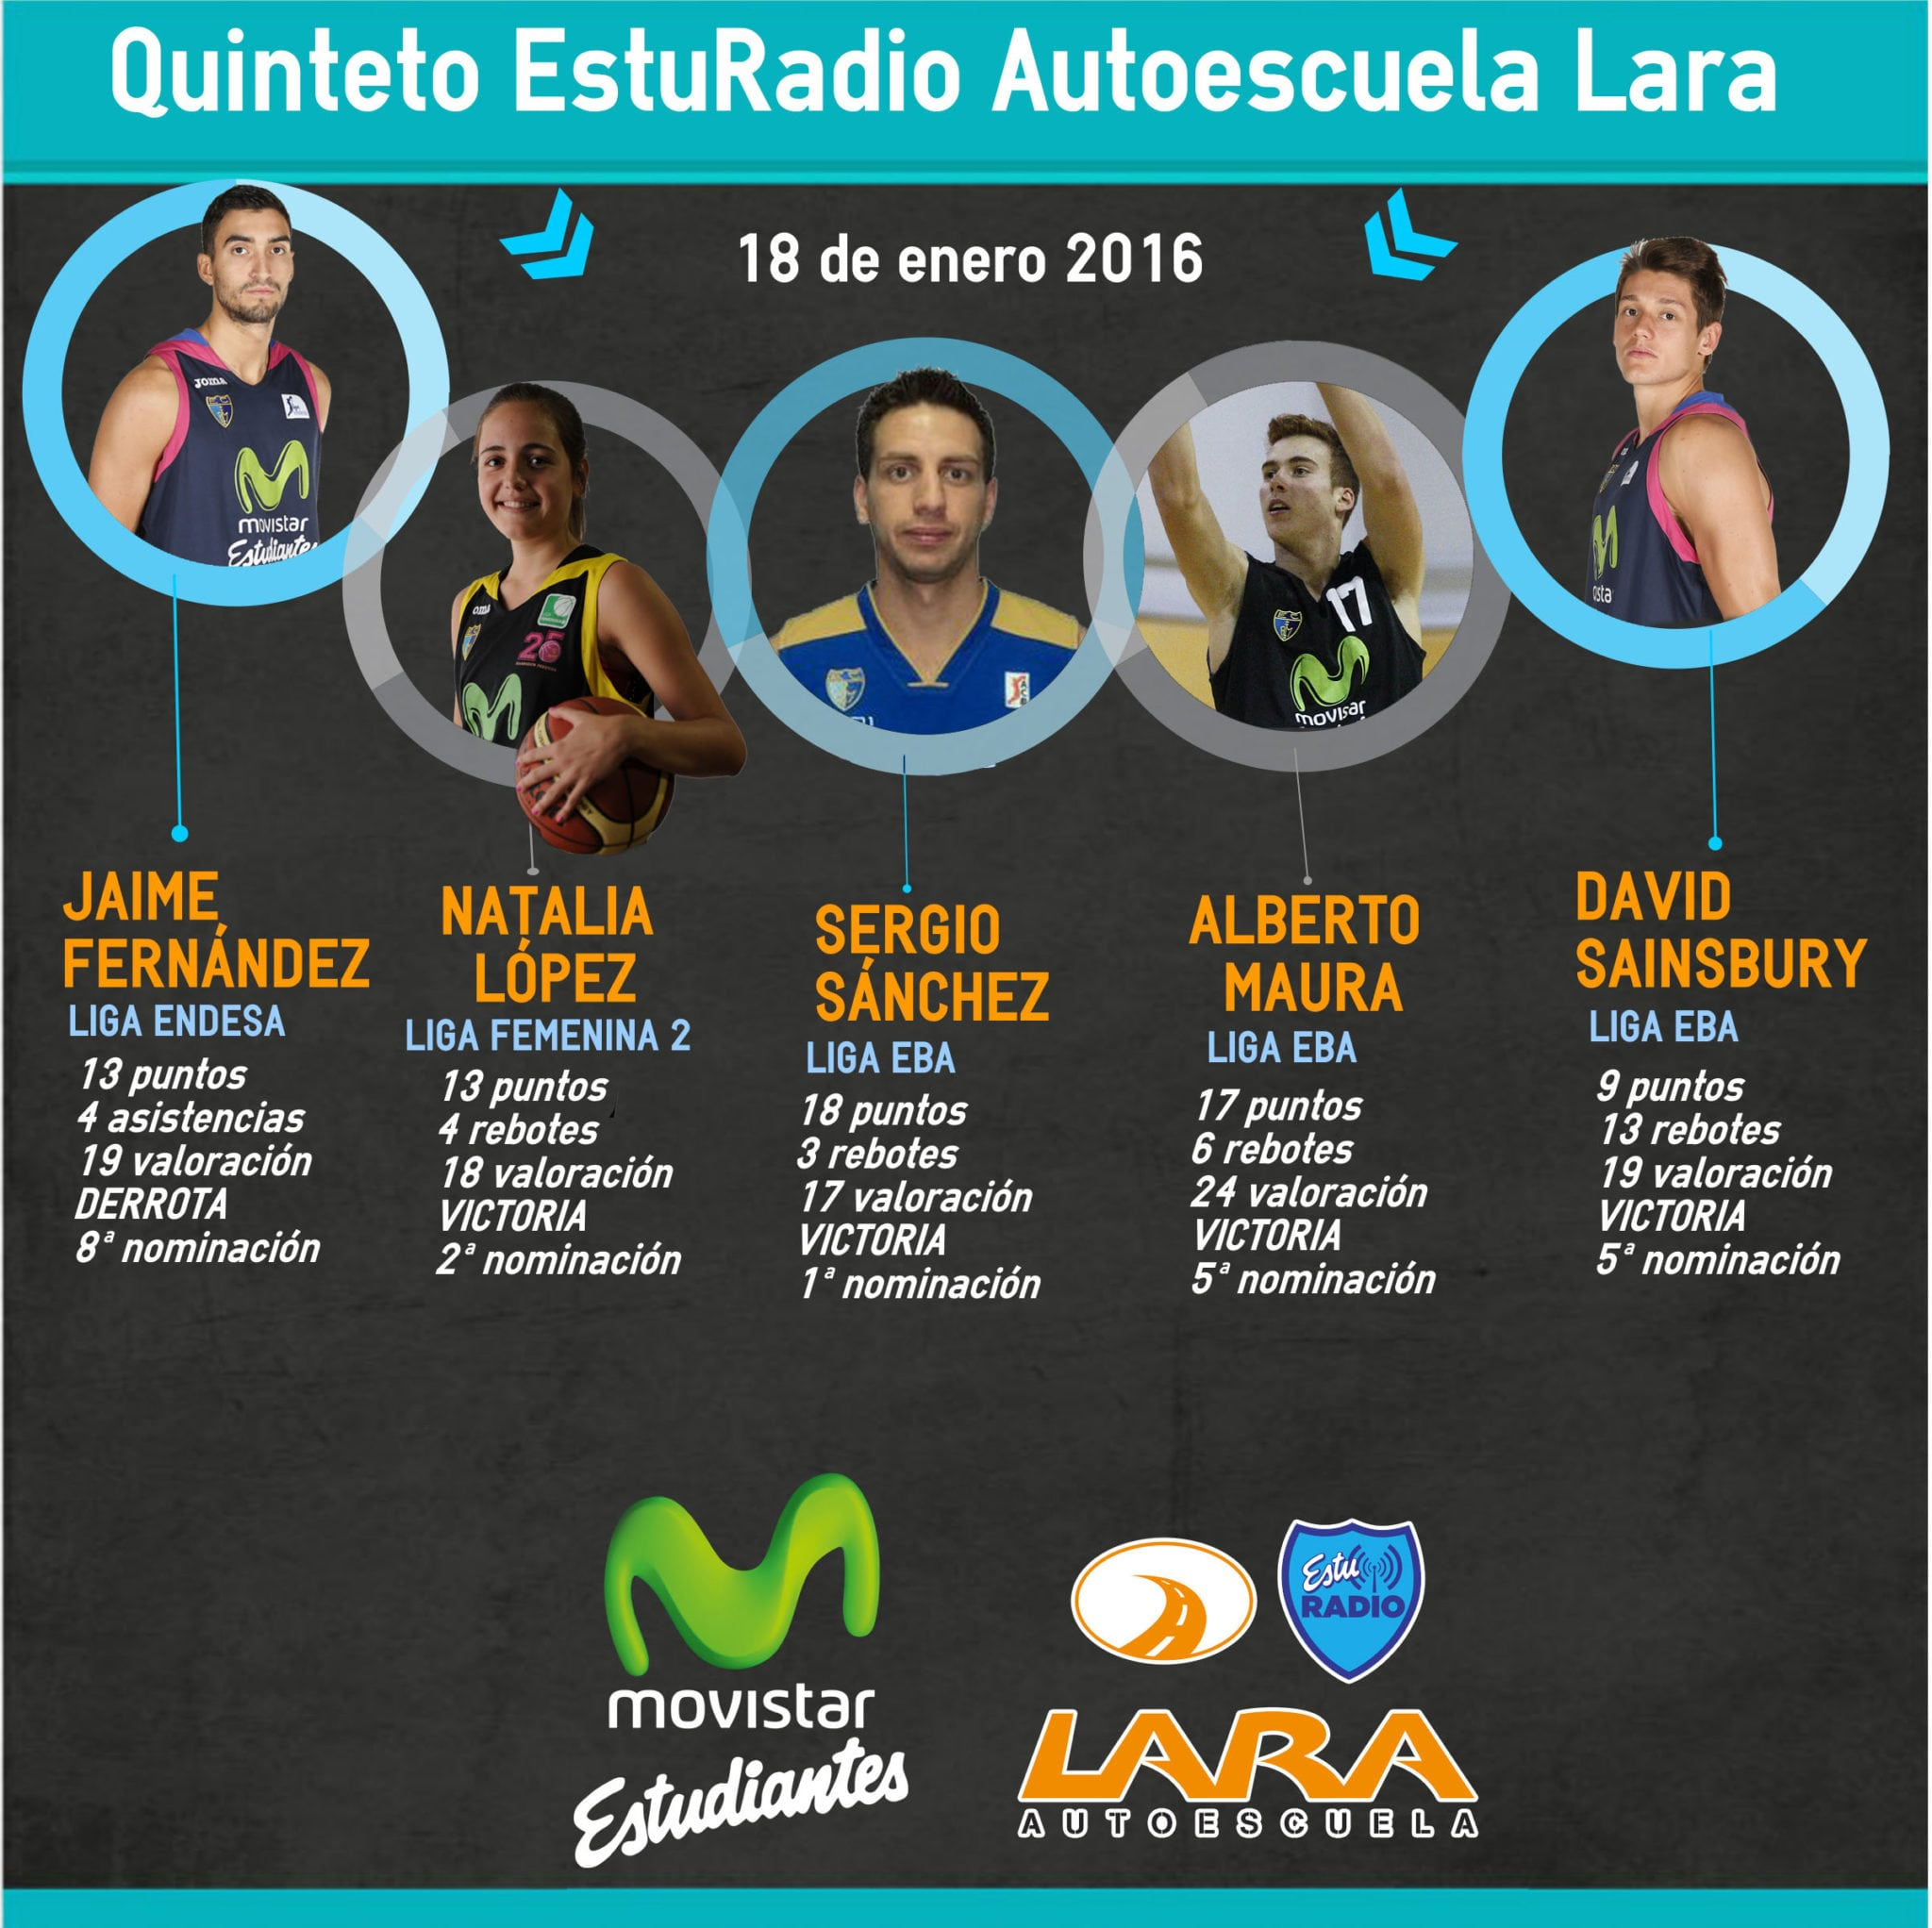 Fernández, López, Sánchez, Maura y Sainsbury, Quinteto EstuRadio copado por el filial de Liga EBA